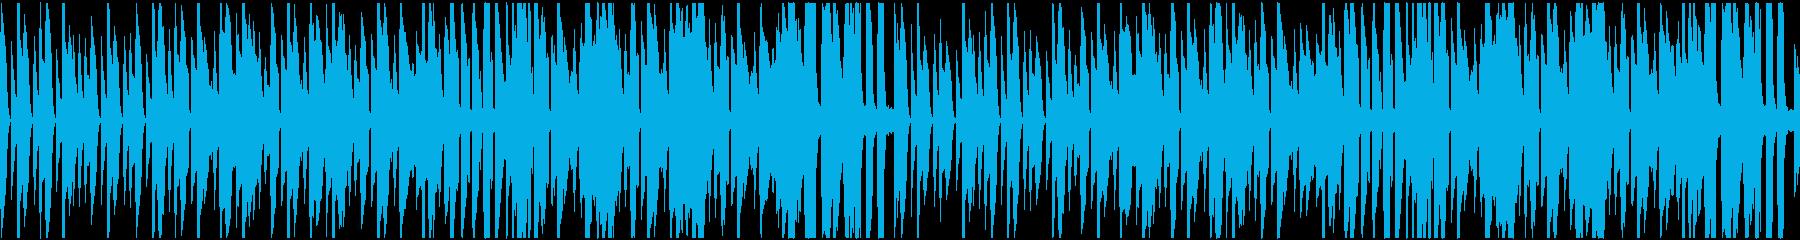 ほのぼのとした日常を表現した曲の再生済みの波形